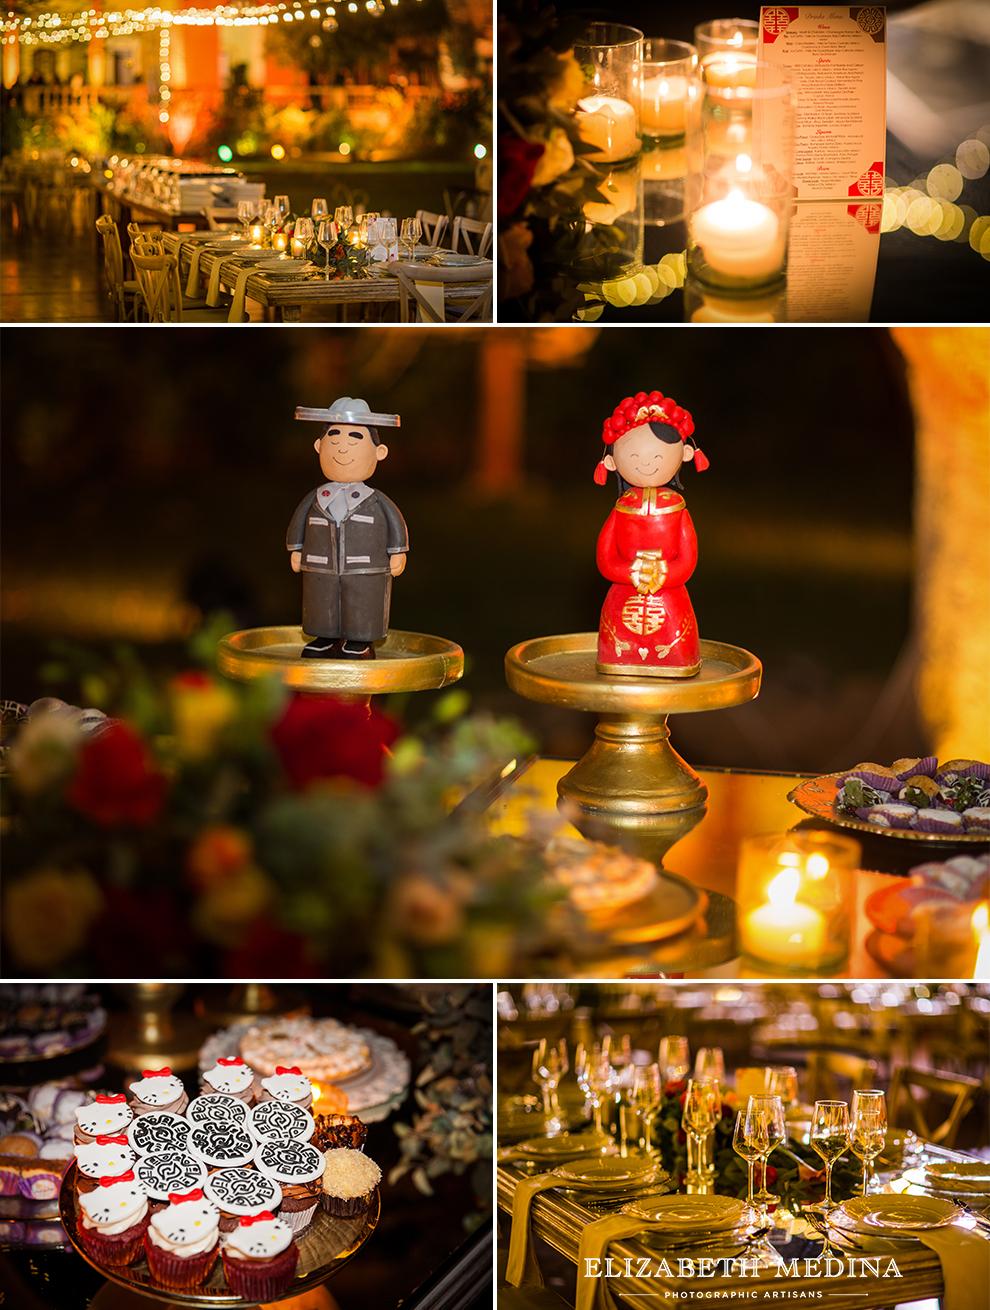 hacienda tekik de regil wedding elizabeth medina photography 45 Hacienda Tekik de Regil Yucatan Wedding, Fotografía Hacienda Tekik de Regil, Yucatán